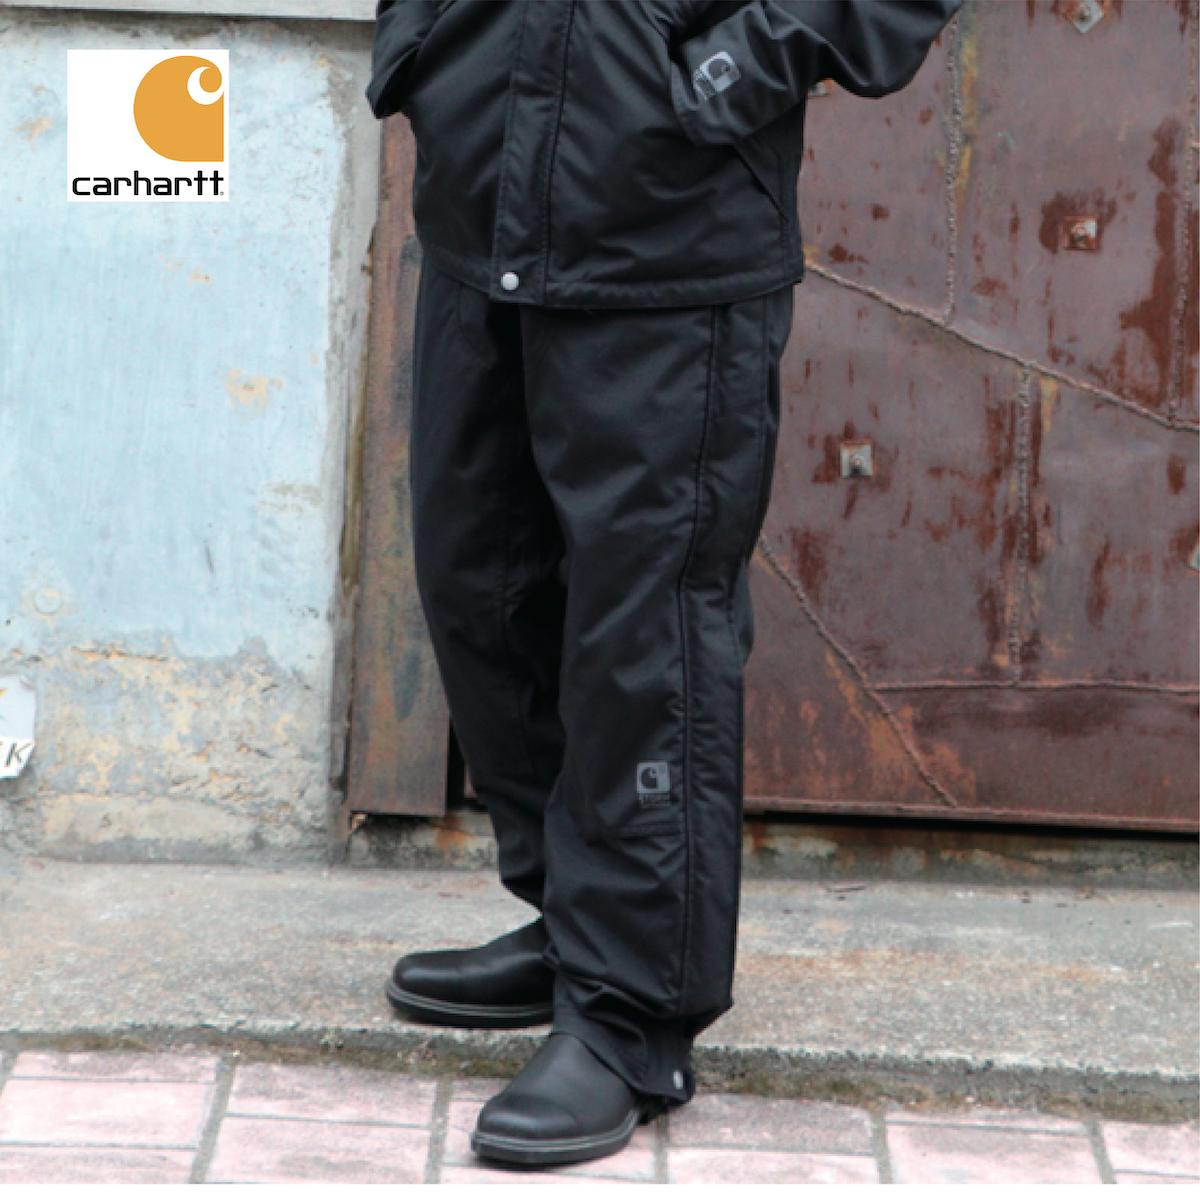 送料無料 レインウェア メンズ バイク 防水 釣り 登山 雨具 カッパ 作業服 作業着 大きいサイズ パンツ ズボン 車 アメリカ USA Carhartt カーハート #B216 SHORELINE PANT ワークパンツ レインパンツ ブラック